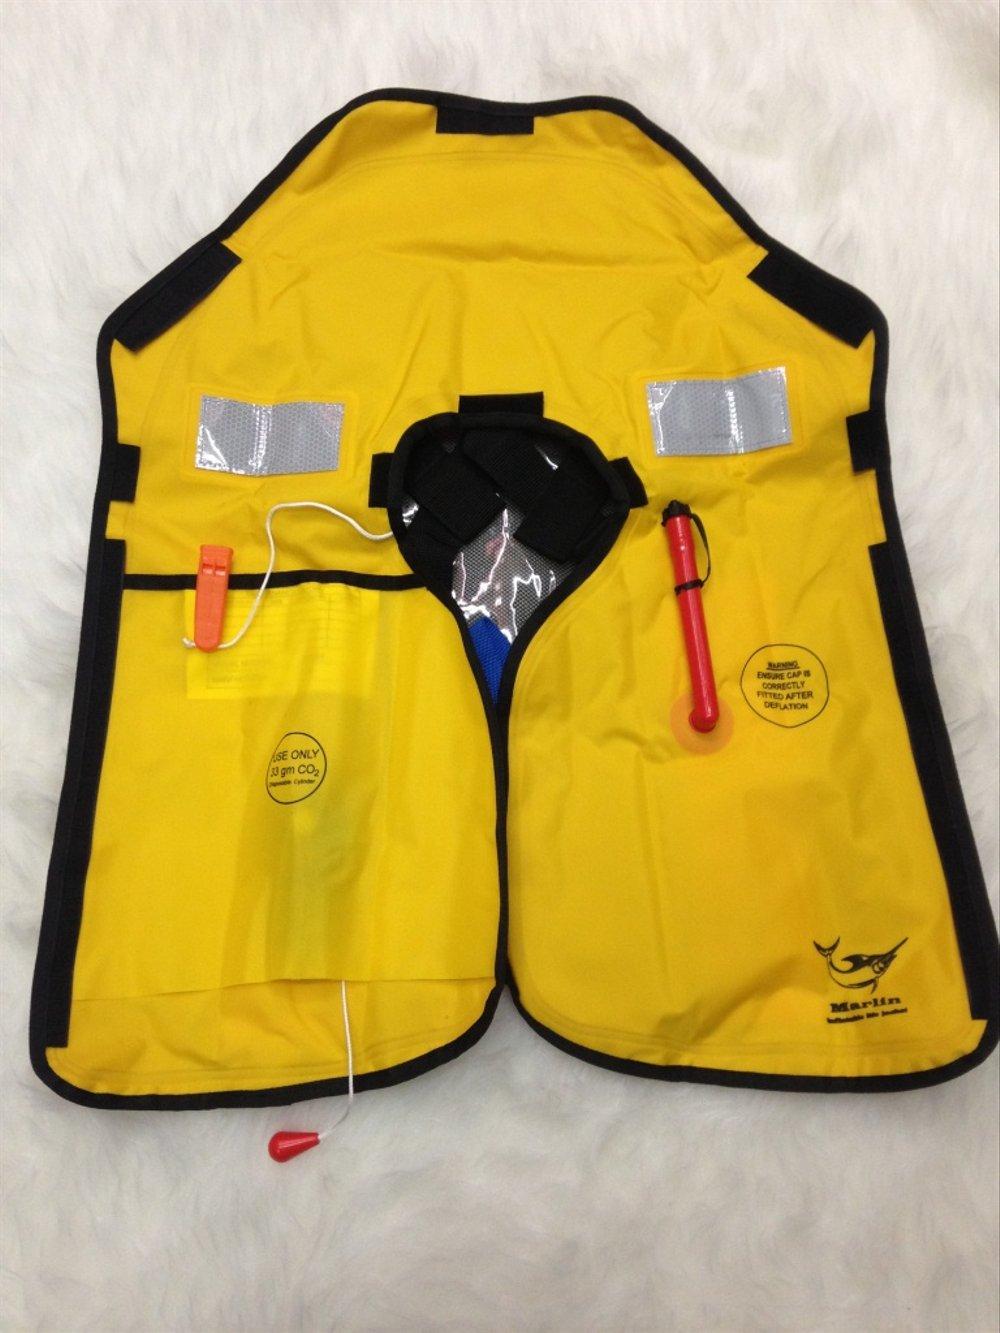 Distributor life jacket, distributor alat safety,distributor perlengkapan safety jakarta, Distributor life jacket, distributor alat safety,distributor perlengkapan safety jakarta, Distributor life jacket, distributor alat safety,distributor perlengkapan safety jakarta, Distributor life jacket, distributor alat safety,distributor perlengkapan safety jakarta, Distributor life jacket, distributor alat safety,distributor perlengkapan safety jakarta, Distributor life jacket, distributor alat safety,distributor perlengkapan safety jakarta, Distributor life jacket, distributor alat safety,distributor perlengkapan safety jakarta, Distributor life jacket, distributor alat safety,distributor perlengkapan safety jakarta, Distributor life jacket, distributor alat safety,distributor perlengkapan safety jakarta, Distributor life jacket, distributor alat safety,distributor perlengkapan safety jakarta, Distributor life jacket, distributor alat safety,distributor perlengkapan safety jakarta, Distributor life jacket, distributor alat safety,distributor perlengkapan safety jakarta, Distributor life jacket, distributor alat safety,distributor perlengkapan safety jakarta, Distributor life jacket, distributor alat safety,distributor perlengkapan safety jakarta, Distributor life jacket, distributor alat safety,distributor perlengkapan safety jakarta, Distributor life jacket, distributor alat safety,distributor perlengkapan safety jakarta, Distributor life jacket, distributor alat safety,distributor perlengkapan safety jakarta, Distributor life jacket, distributor alat safety,distributor perlengkapan safety jakarta, Distributor life jacket, distributor alat safety,distributor perlengkapan safety jakarta, Distributor life jacket, distributor alat safety,distributor perlengkapan safety jakarta, Distributor life jacket, distributor alat safety,distributor perlengkapan safety jakarta, Distributor life jacket, distributor alat safety,distributor perlengkapan safety jakarta, Distributor life jac